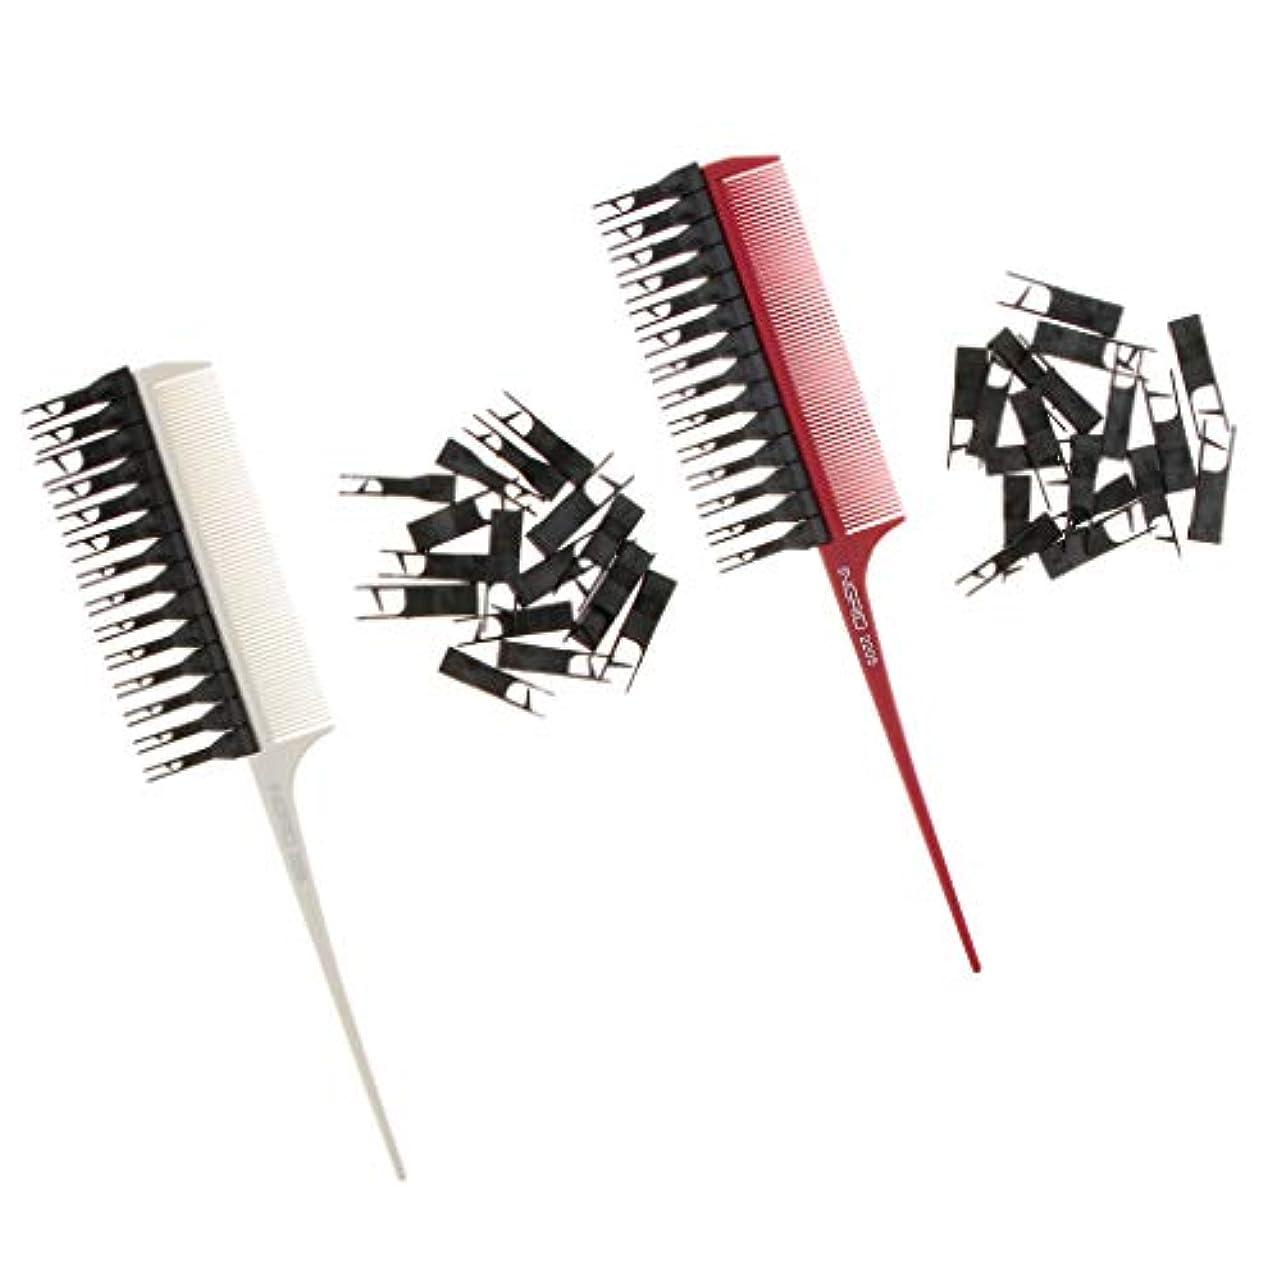 セクション影響力のある血色の良いPerfeclan ハイライトブラシ ヘアブラシ 髪染めブラシ 2個セット